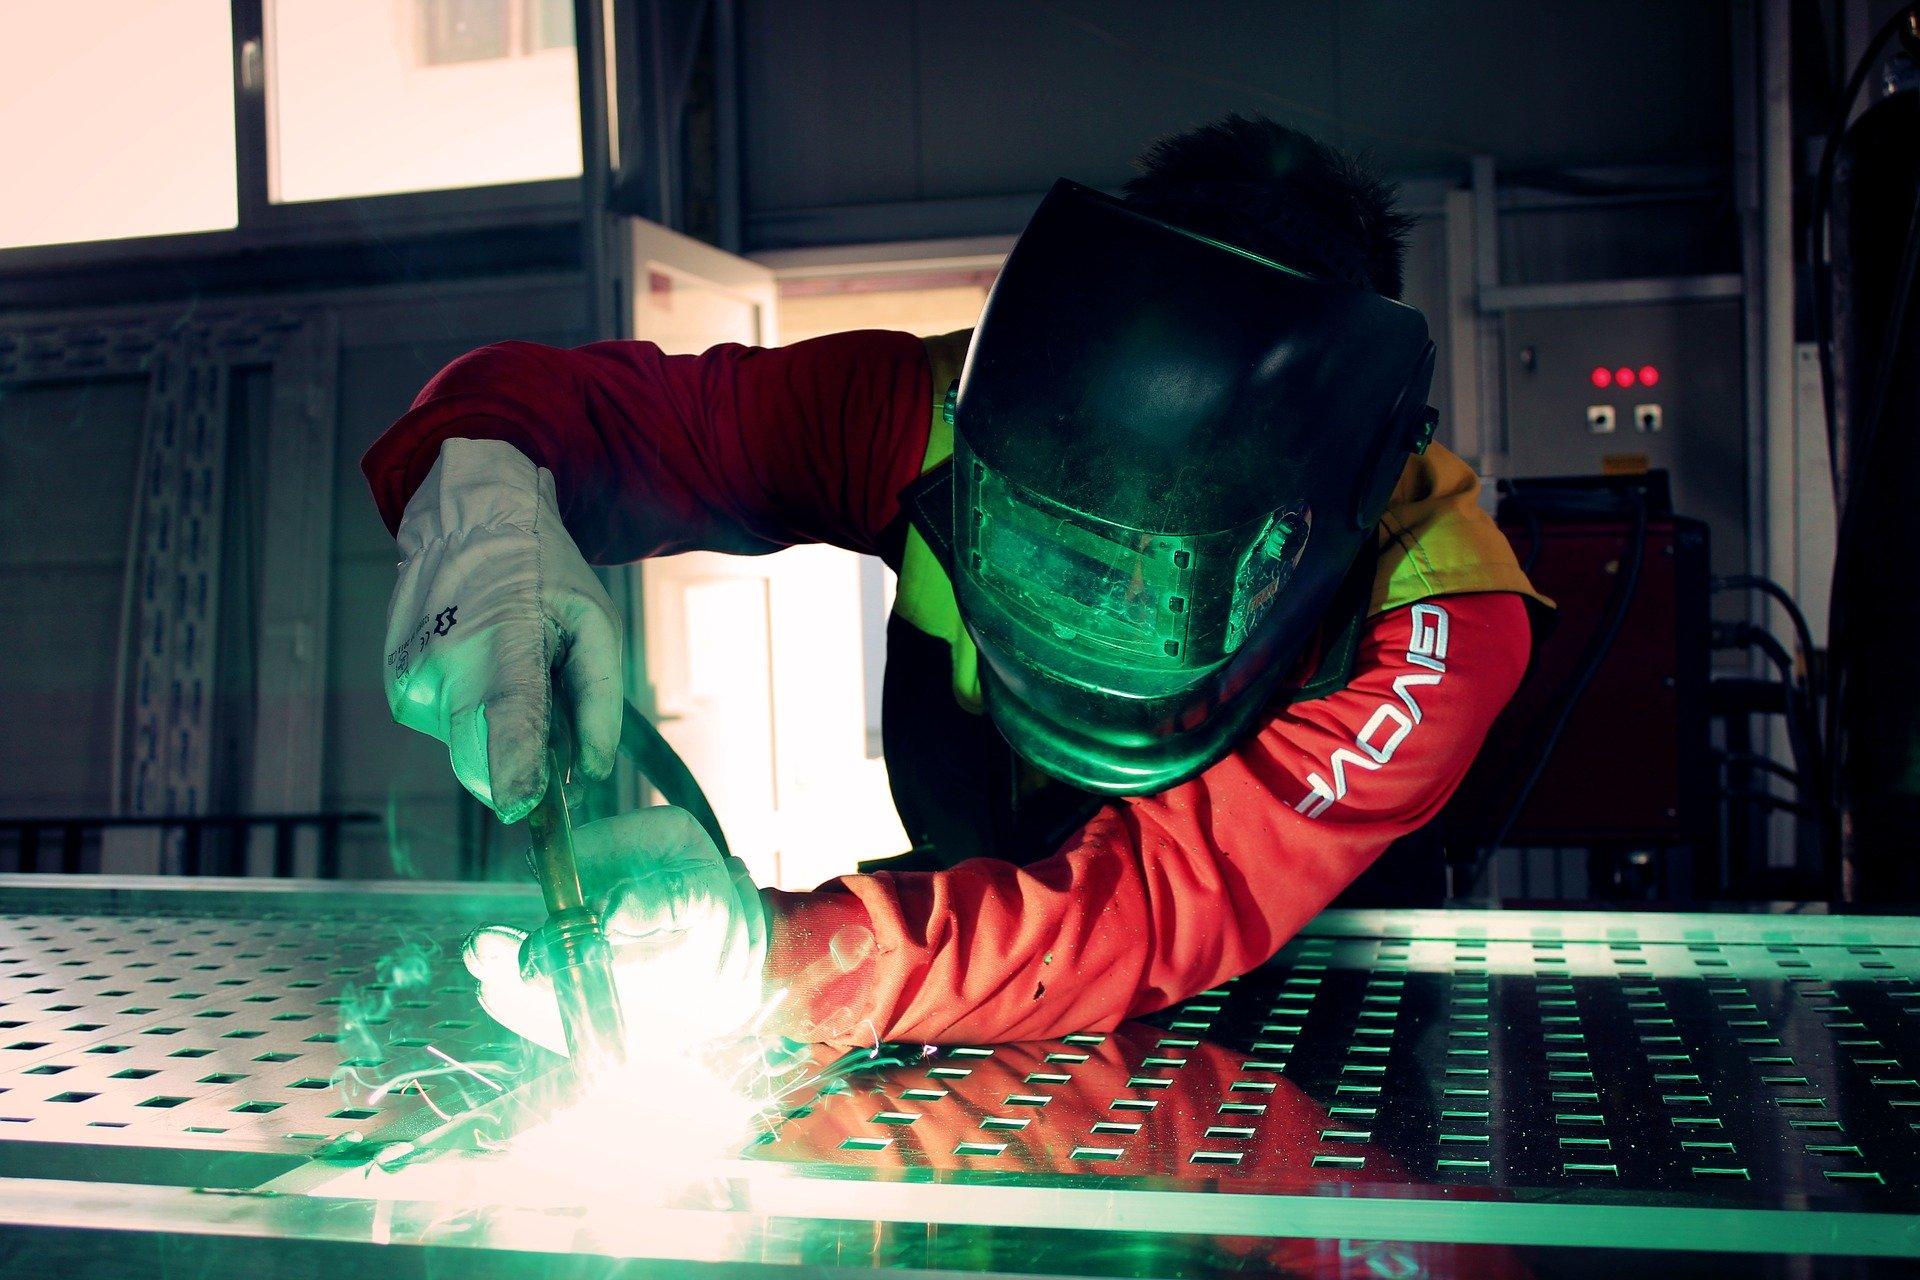 Vom Stahlhändler zum Metallbauer/Schlosser